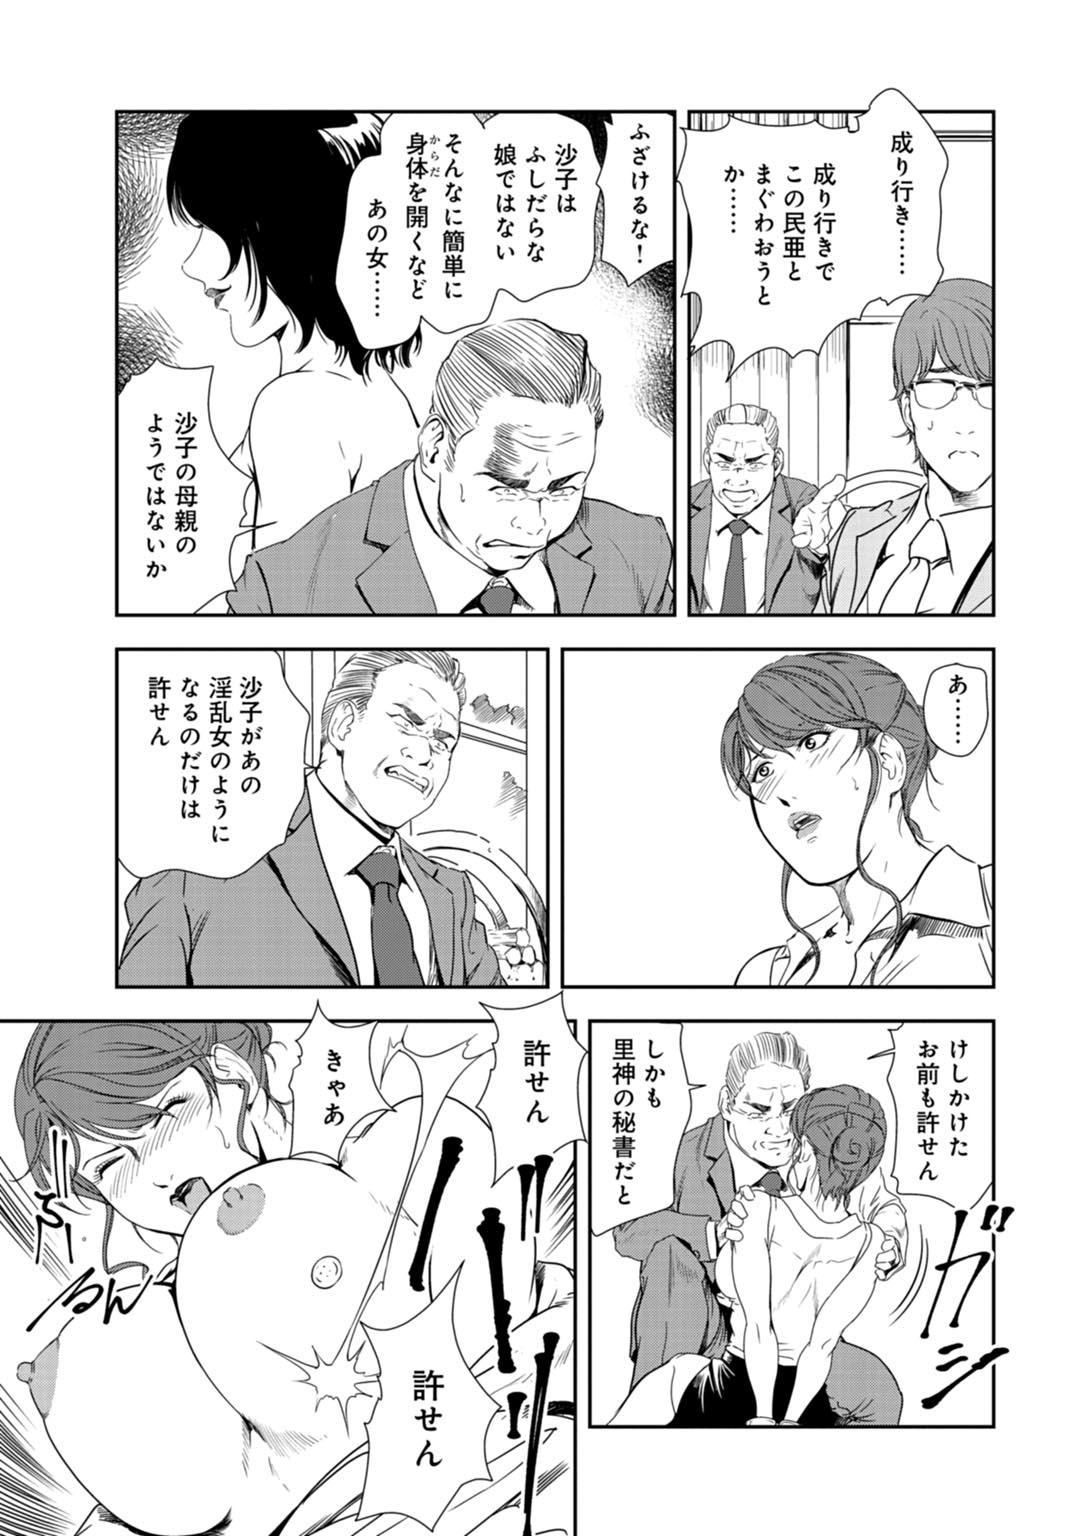 Nikuhisyo Yukiko 26 81